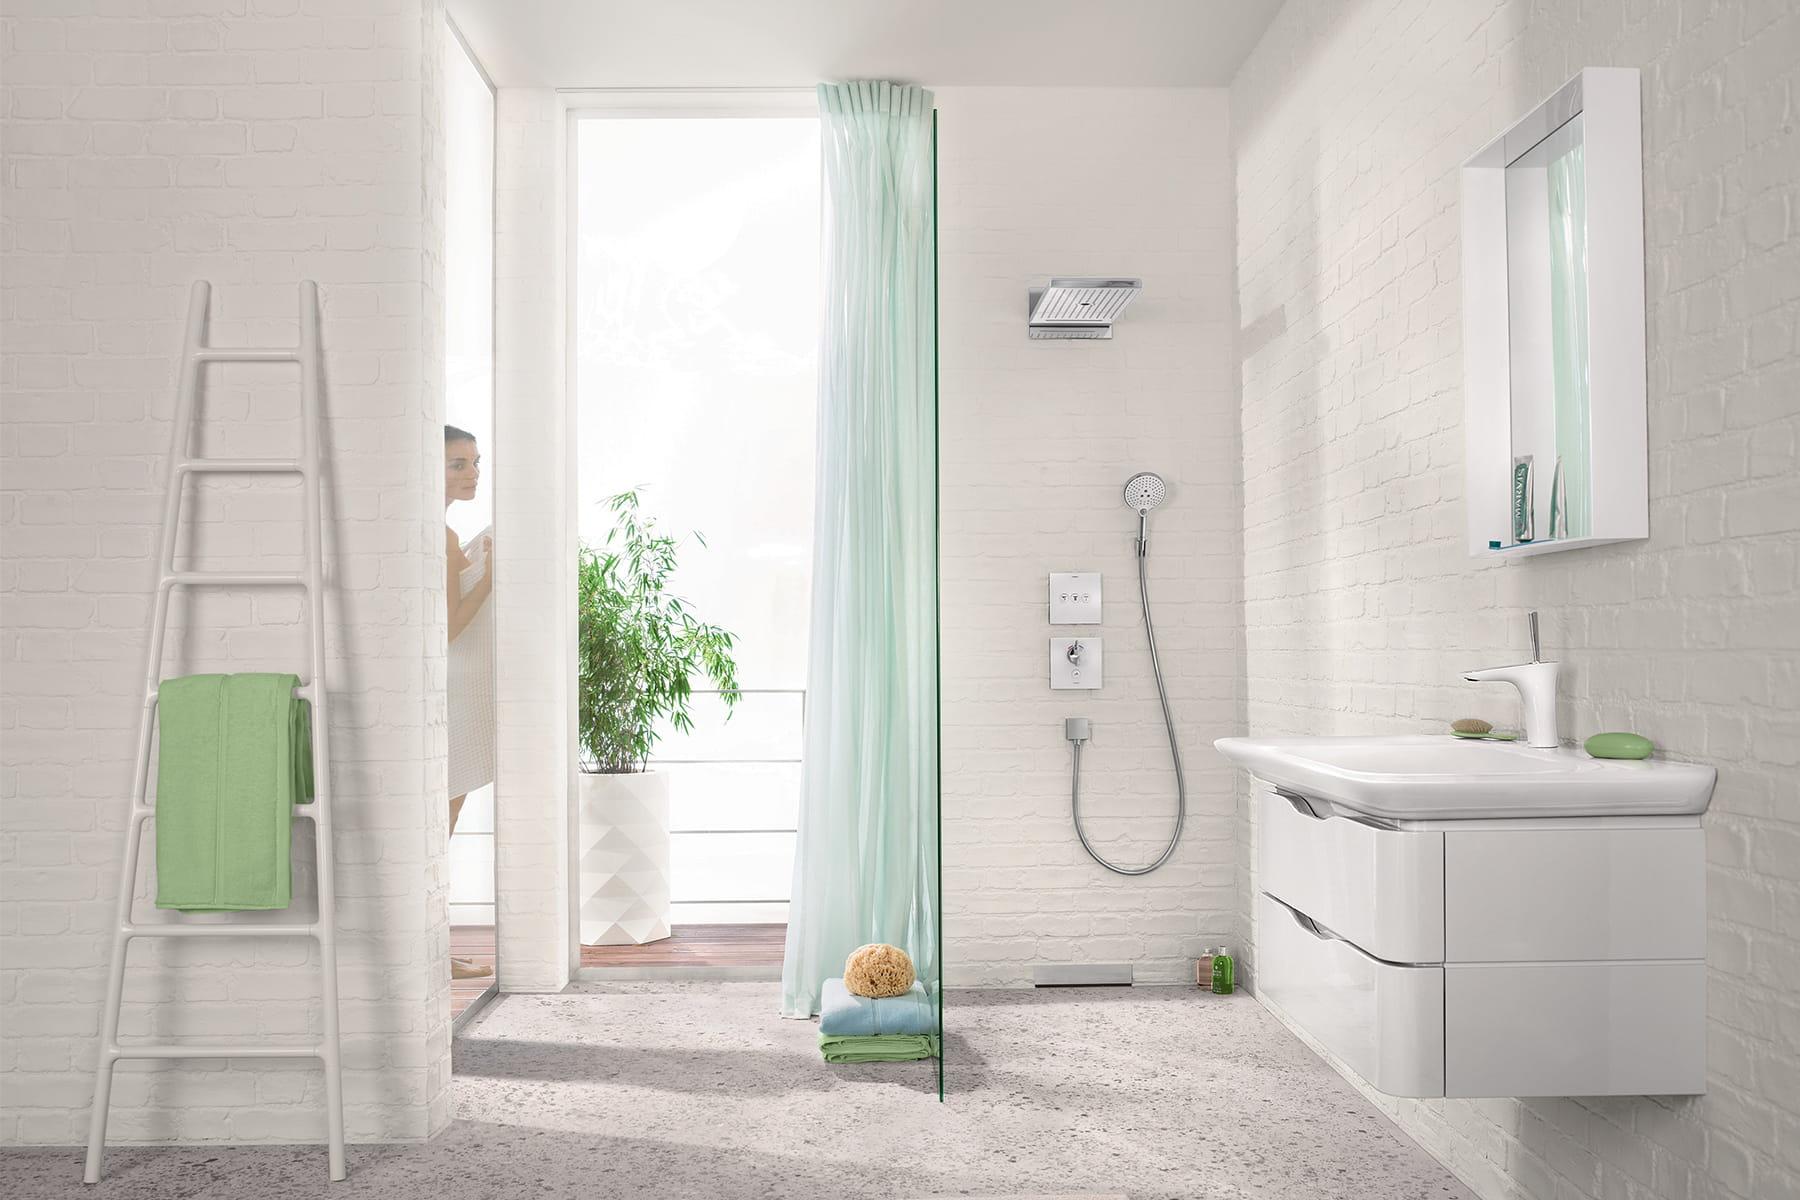 Se d tendre sous la douche une pluie de douches design linternaute - Epilateur electrique sous la douche ...